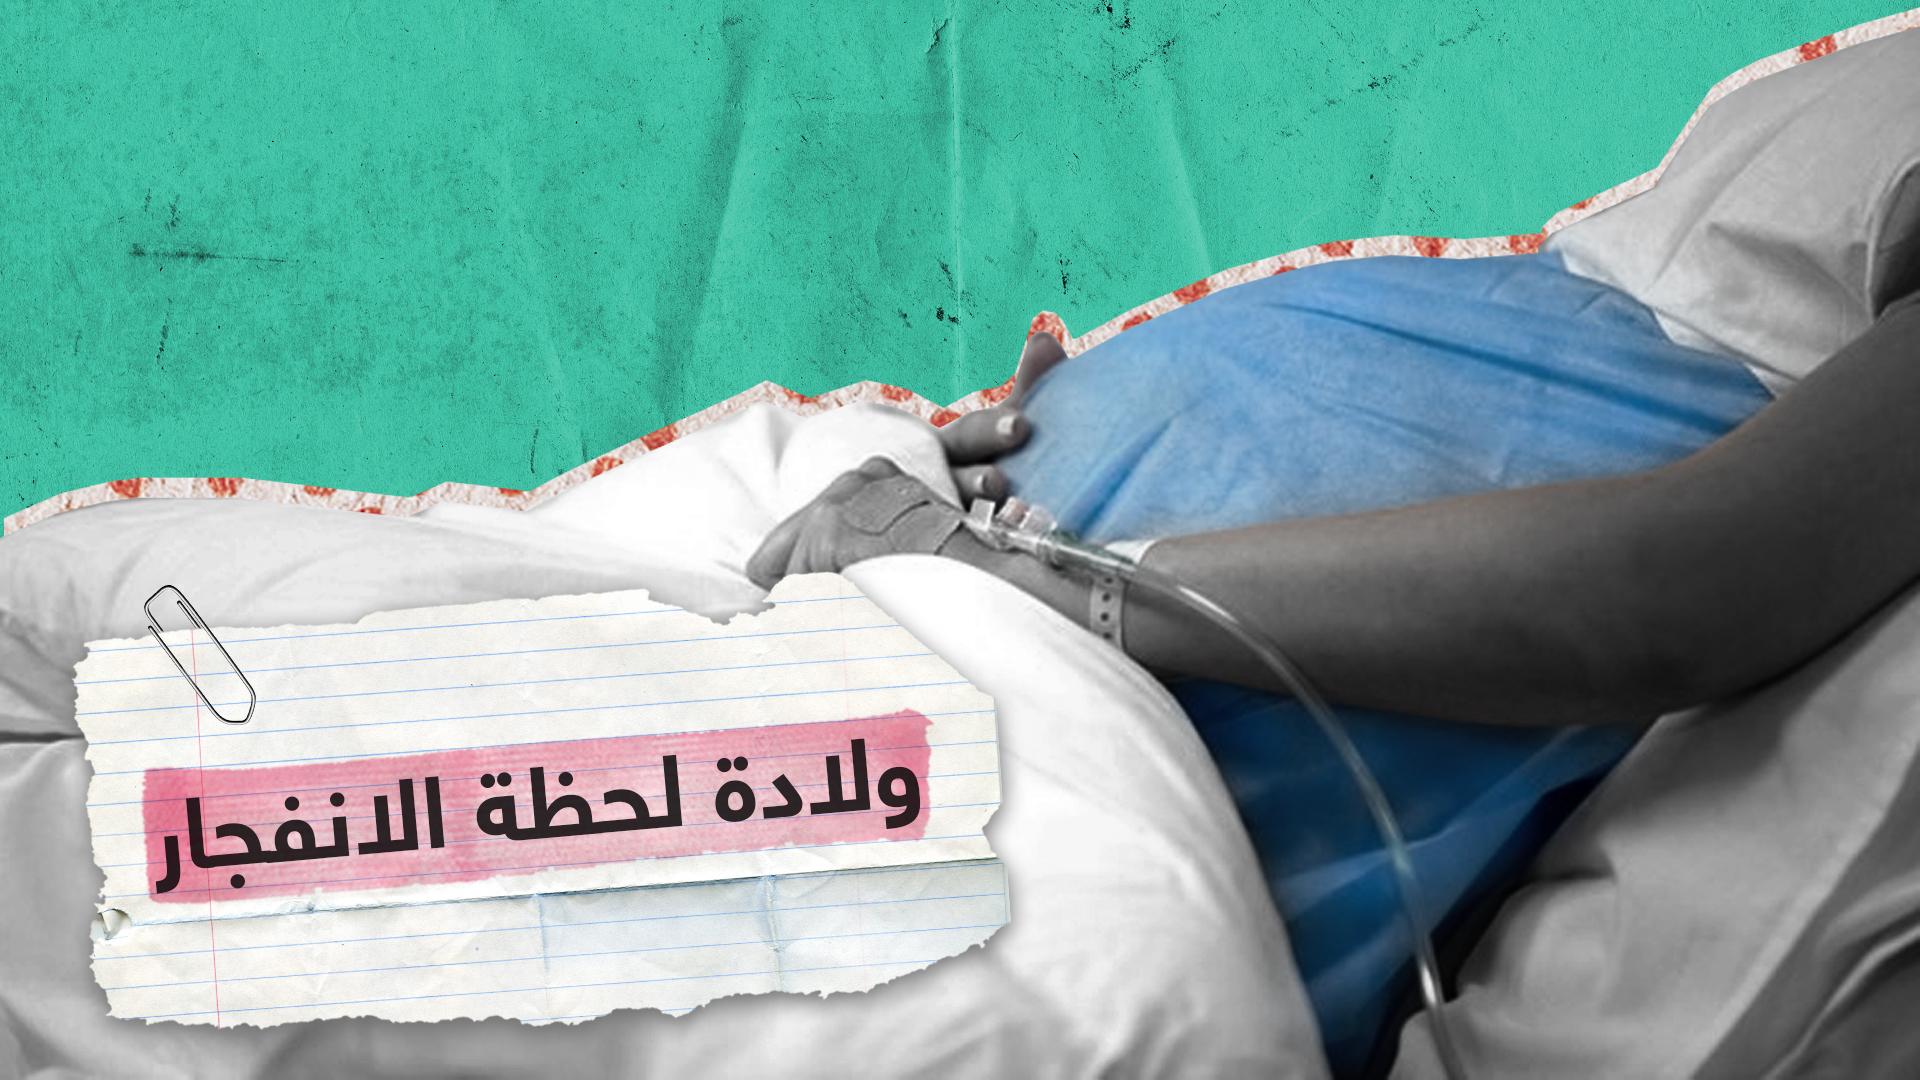 فيديو صادم من غرفة ولادة في أحد مستشفيات بيروت لحظة وقوع الانفجار